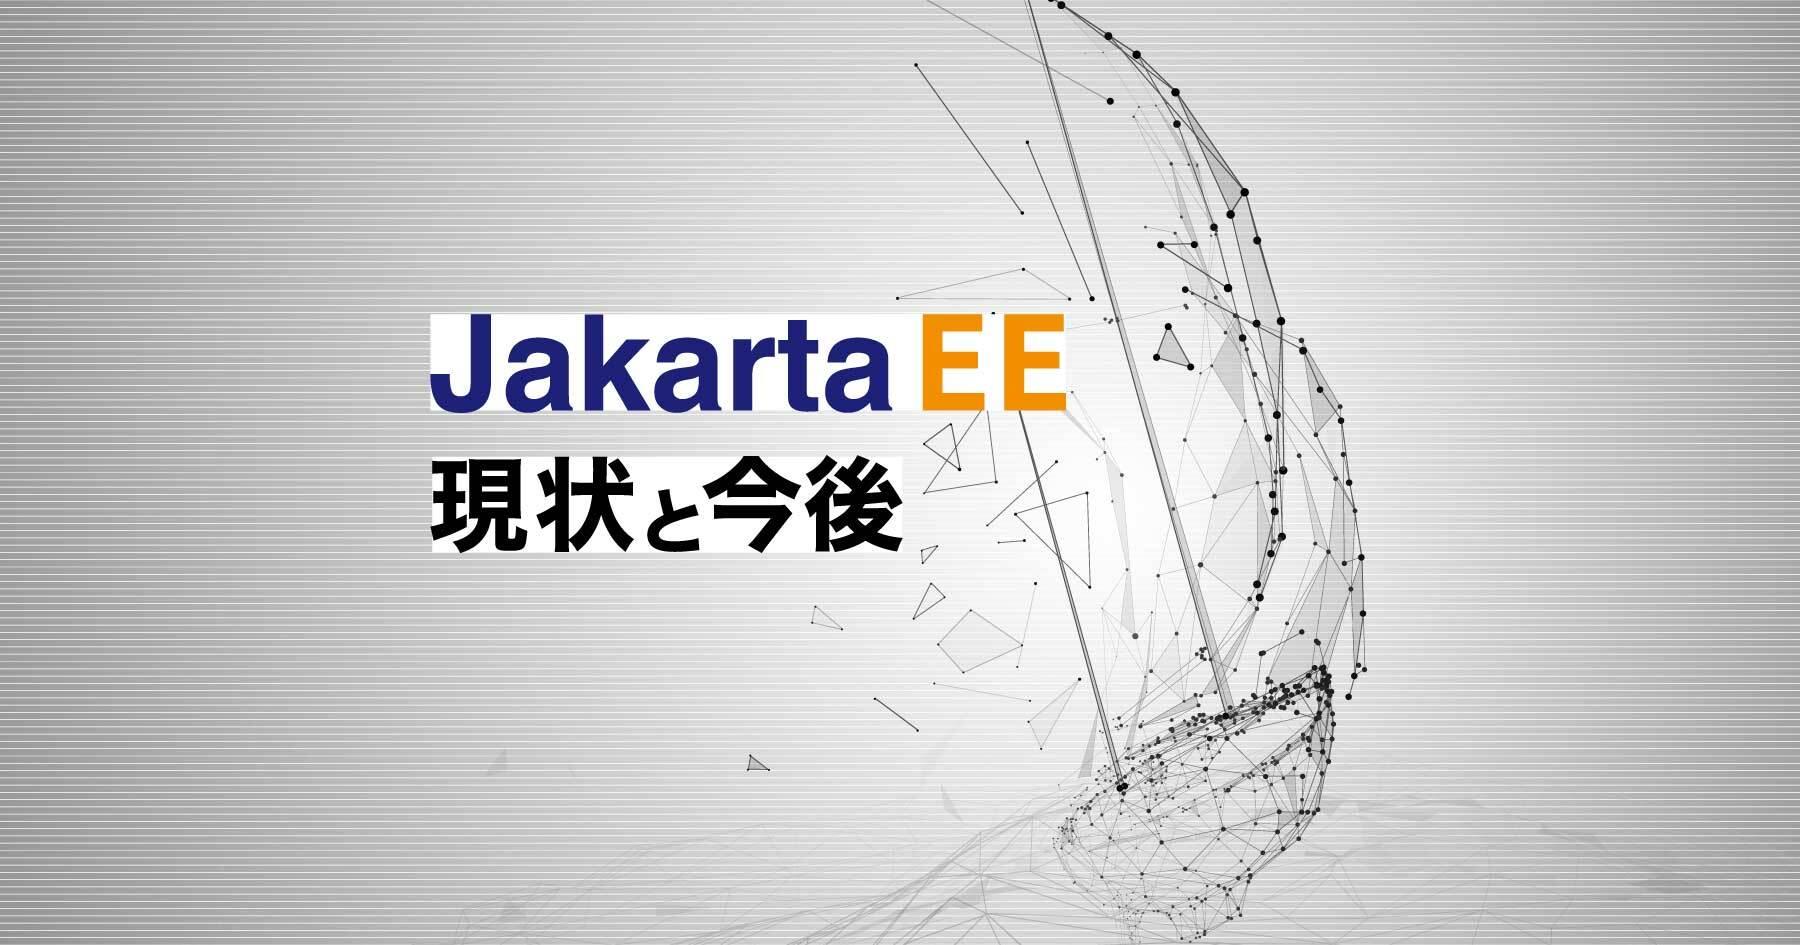 オープンソース化されたエンタープライズJavaプラットフォーム「Jakarta EE」